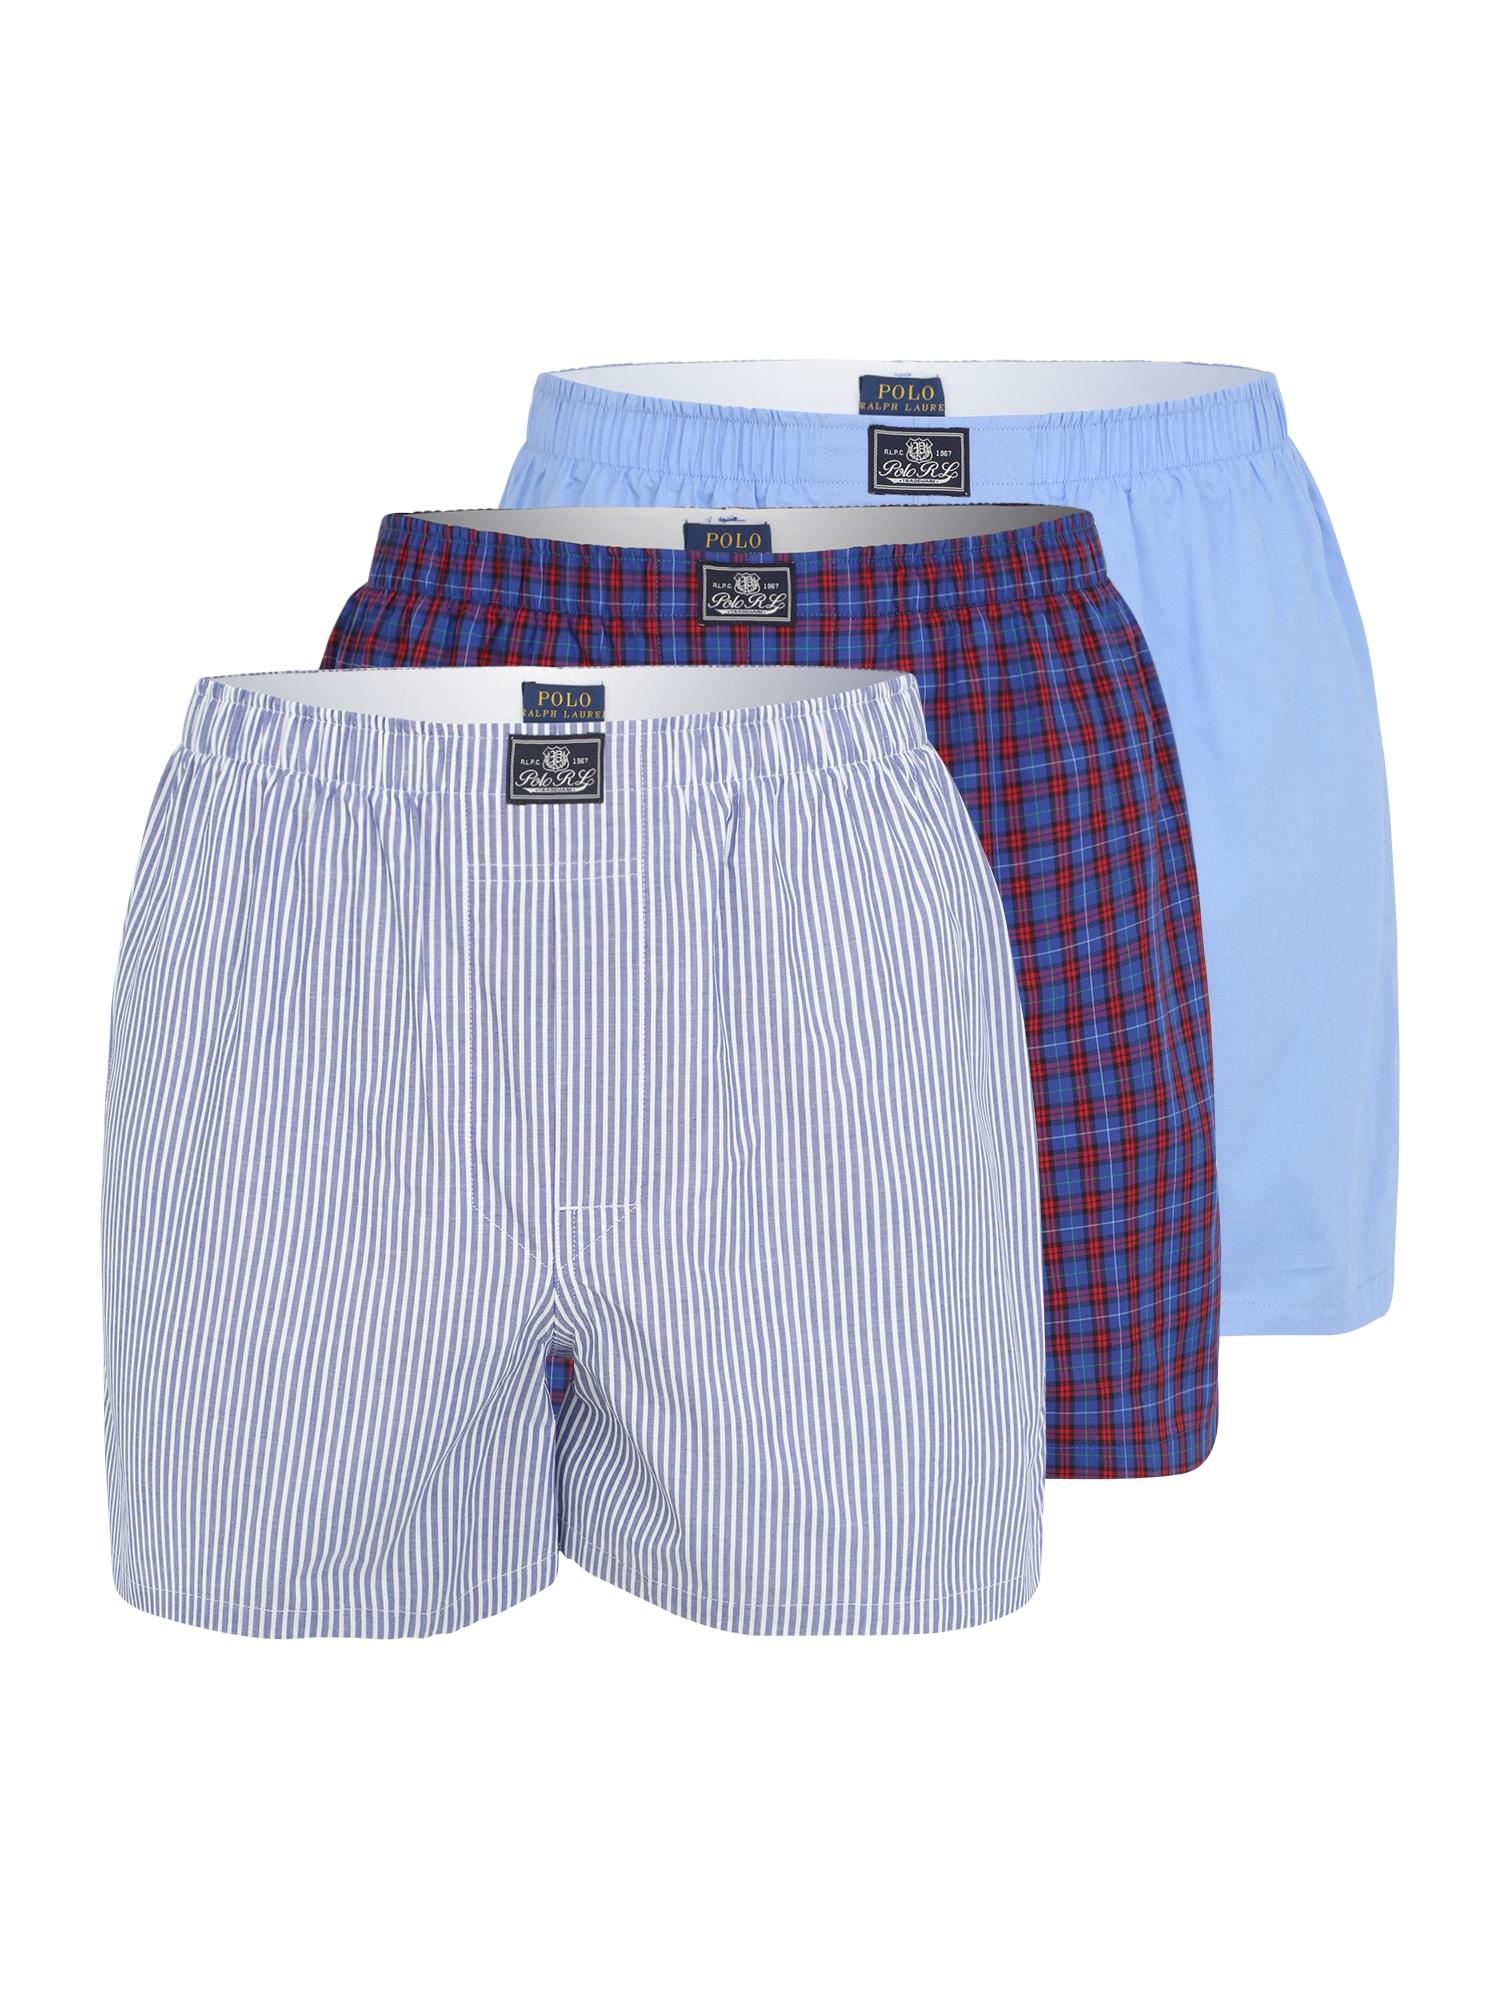 POLO RALPH LAUREN Boxer trumpikės šviesiai mėlyna / tamsiai mėlyna / raudona / balta